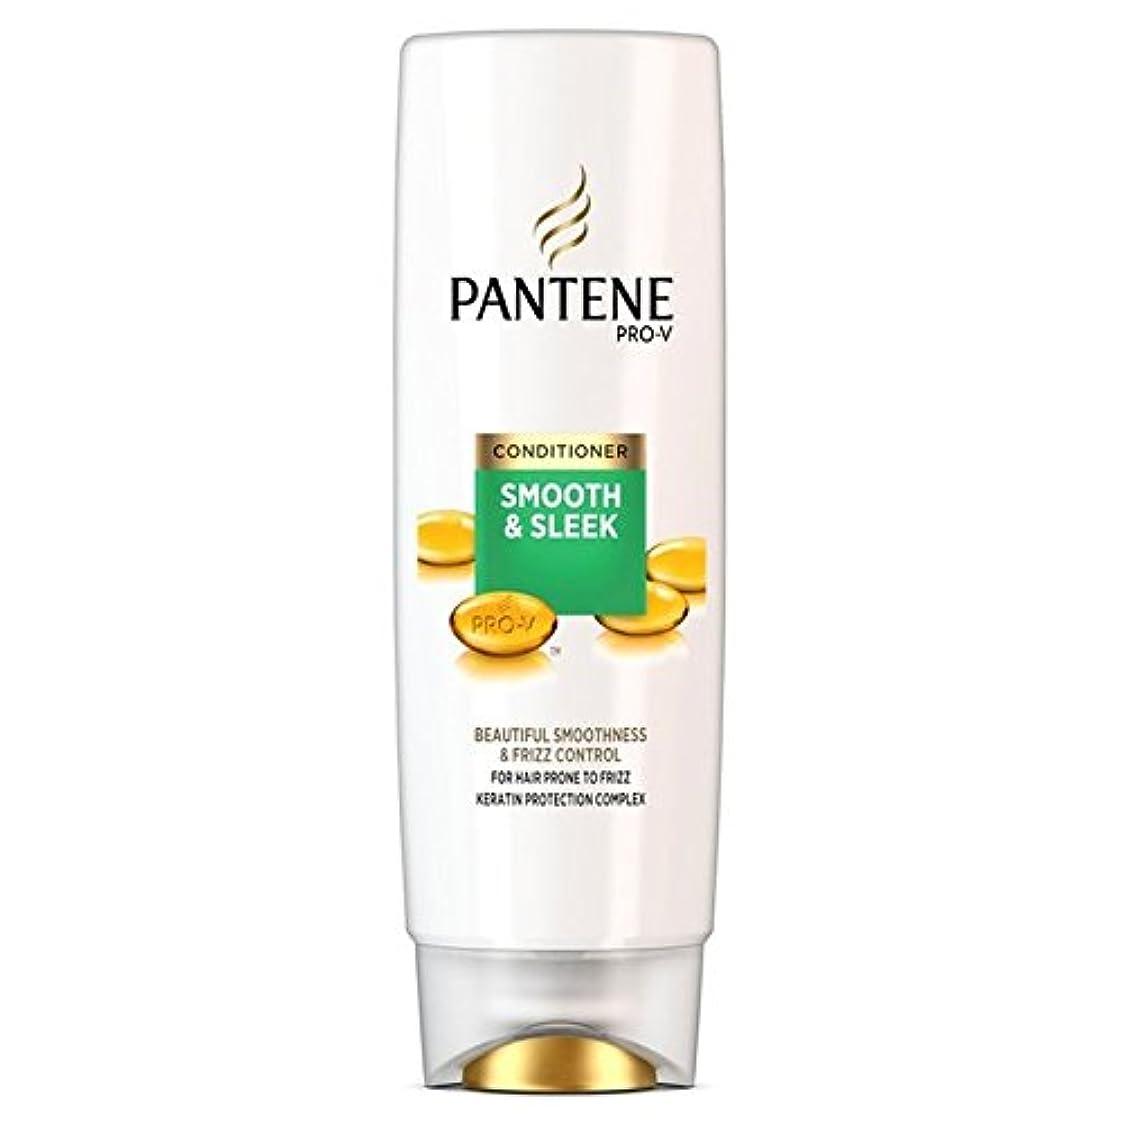 アトミックガイダンス出来事パンテーンコンディショナースムーズ&縮れ250ミリリットルを受けやすい髪になめらかな x4 - Pantene Conditioner Smooth & Sleek For Hair Prone to Frizz 250ml...